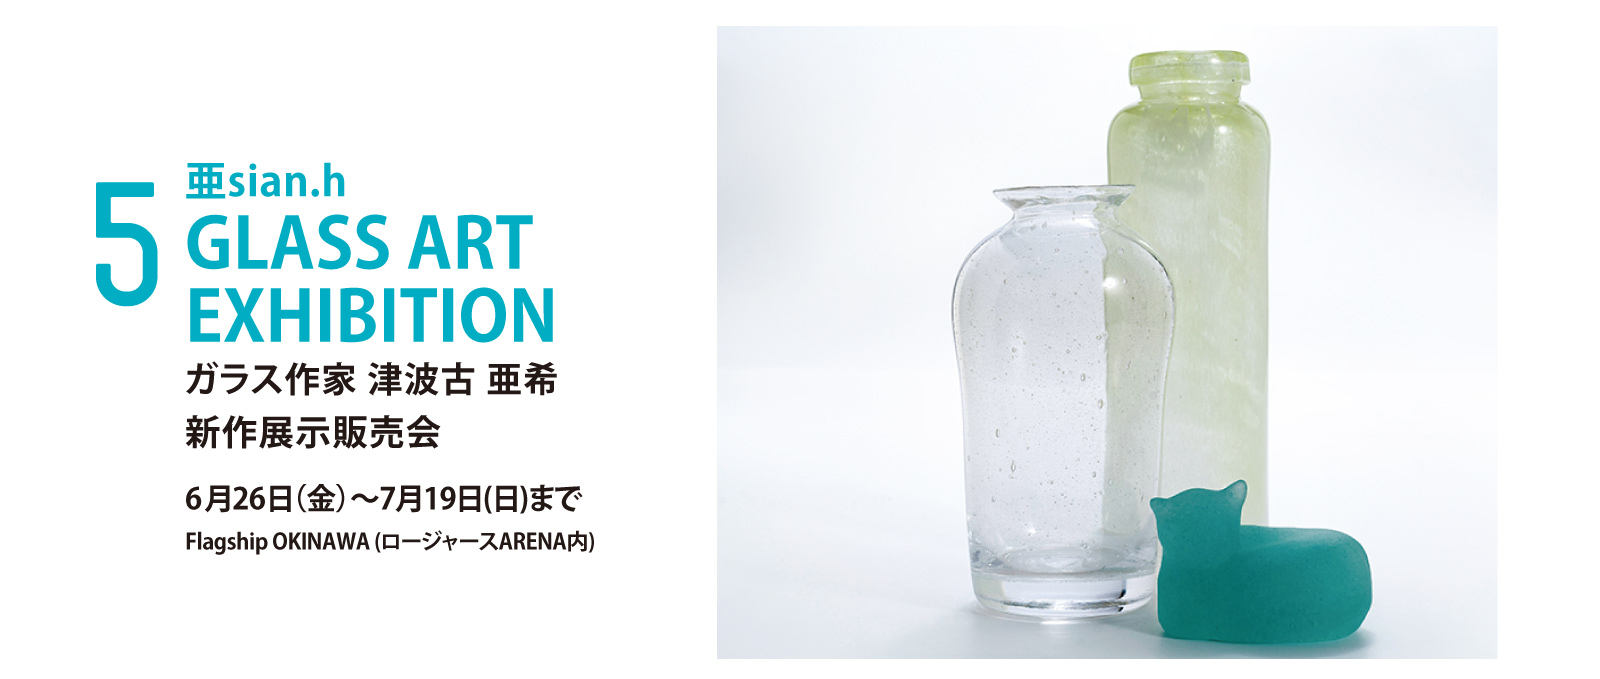 亜sian.h GLASS ART EXHIBITION ガラス作家 津波古 亜希 新作展示販売会